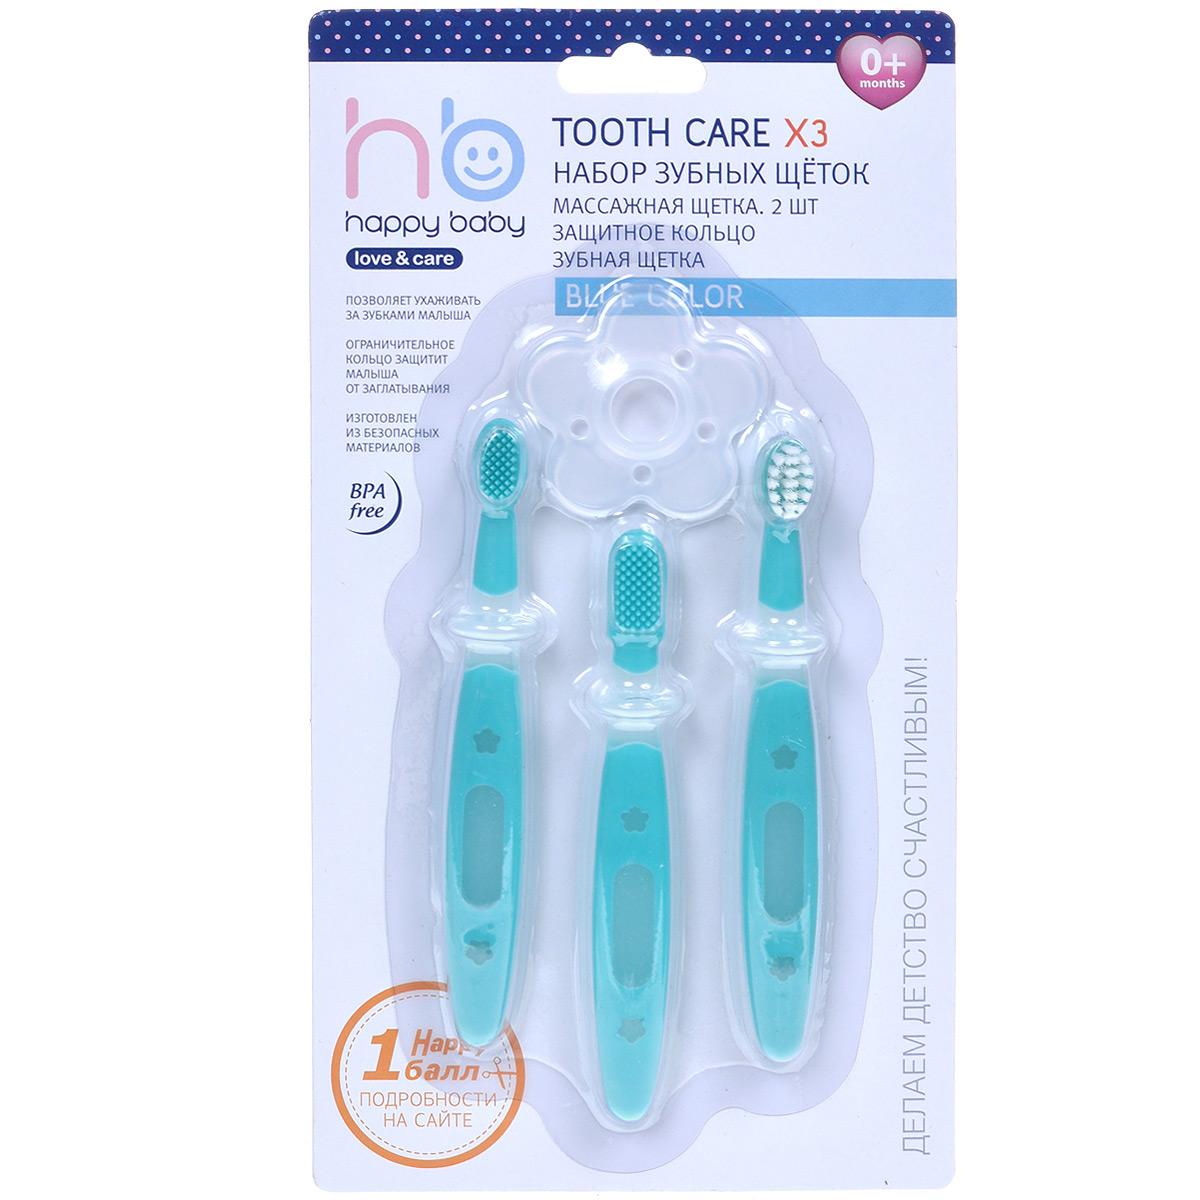 Набор зубных щеток Happy Baby, цвет: бирюзовый20006_blueНабор зубных щеток Happy Baby позволит ухаживать за деснами и зубками малыша. Он предназначен специально для детей от 0 месяцев. В него входят две массажные щетки (для детей с рождения и для детей от 6 месяцев), зубная щетка и защитное кольцо. Мягкая массажная щетка с резиновыми щетинками легко удаляет остатки пищи, заботится о деснах и улучшает кровообращение. Небольшая закругленная головка зубной щетки идеальна для рта ребенка, а мягкая щетина массирует десны, и чистит зубки, не повреждая эмаль. Защитное кольцо надевается на щетку и предотвращает ее заглатывание ребенком.